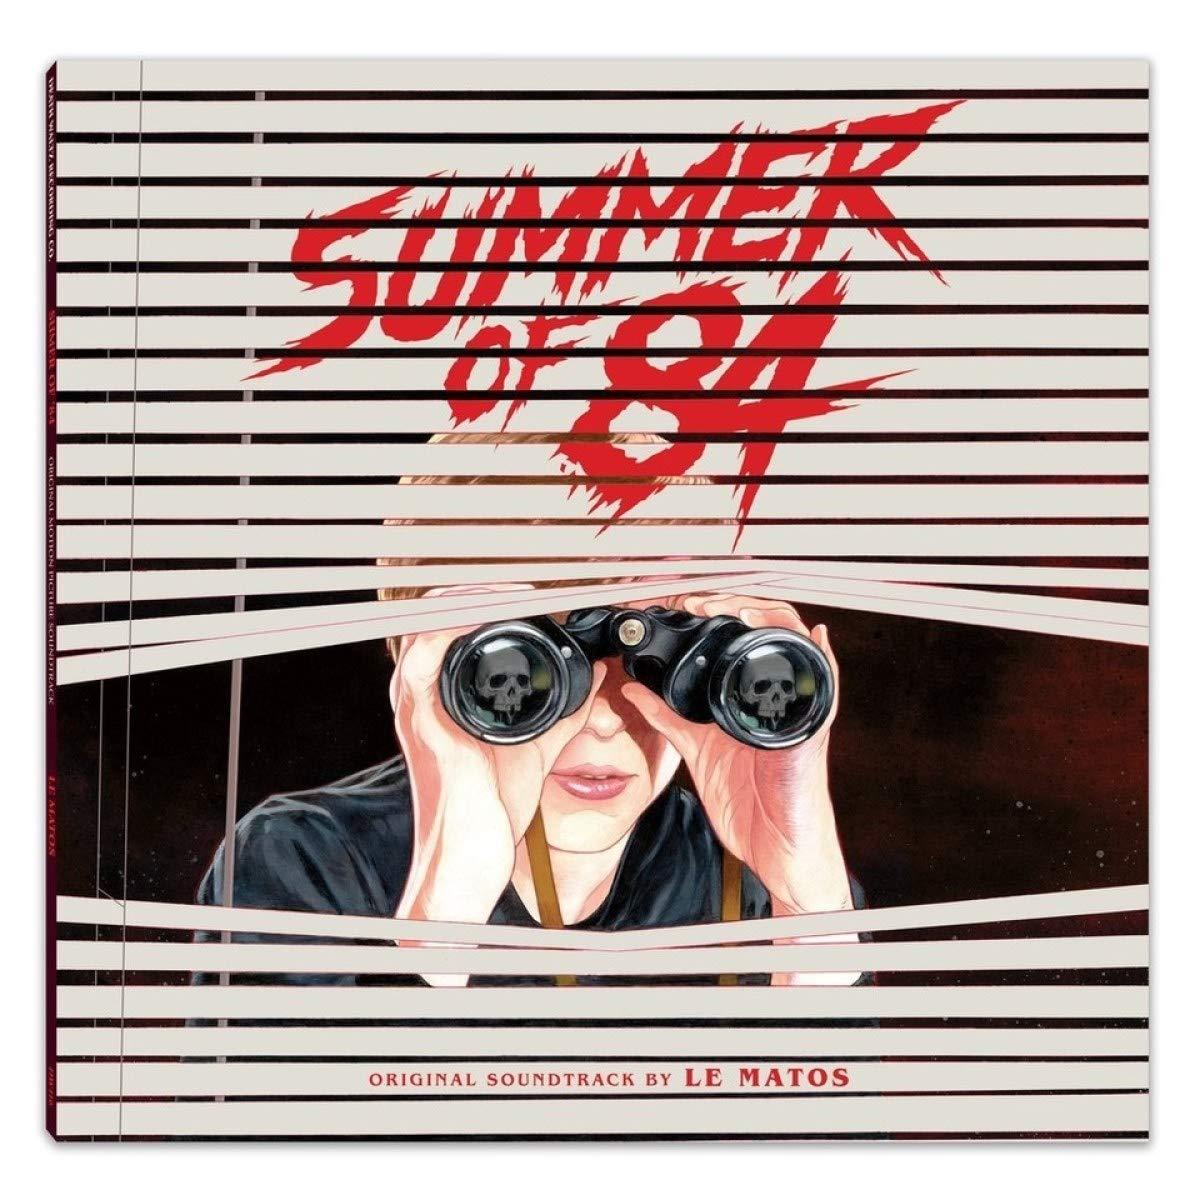 Vinilo : LE MATOS - Summer Of 84 (original Soundtrack) (LP Vinyl)